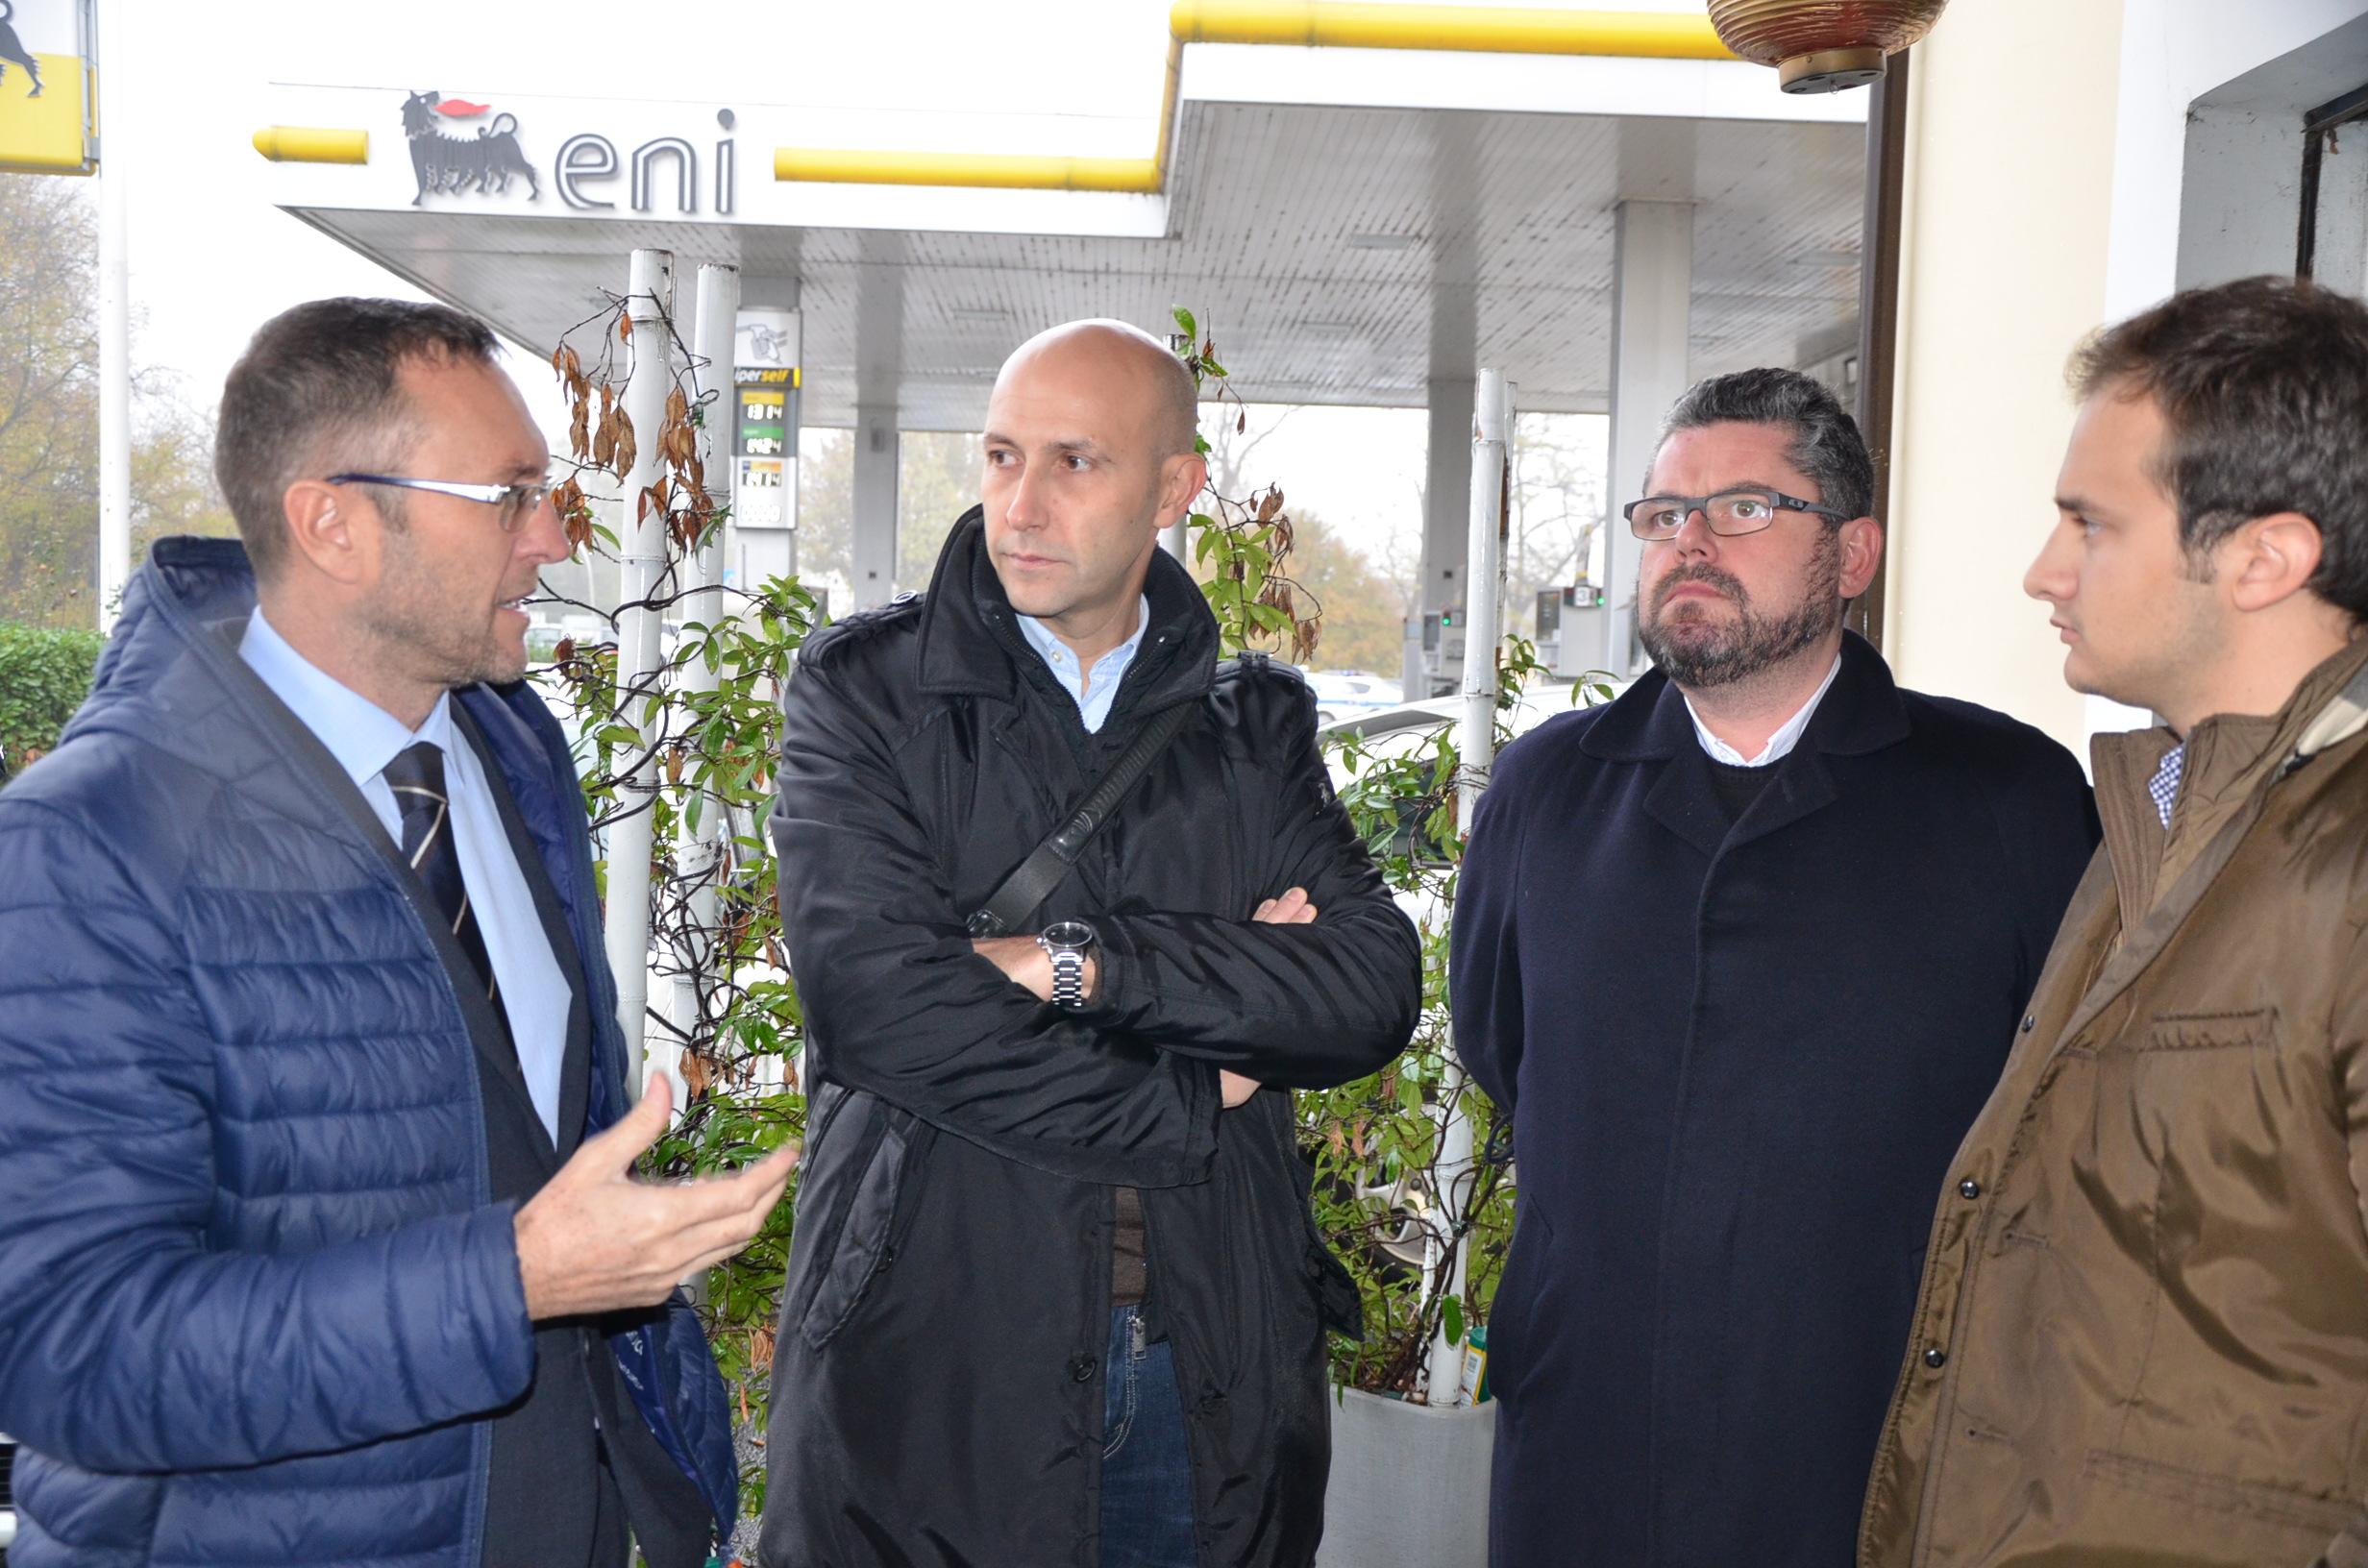 Ponte sul Taro unità di intenti dei Comuni di Parma